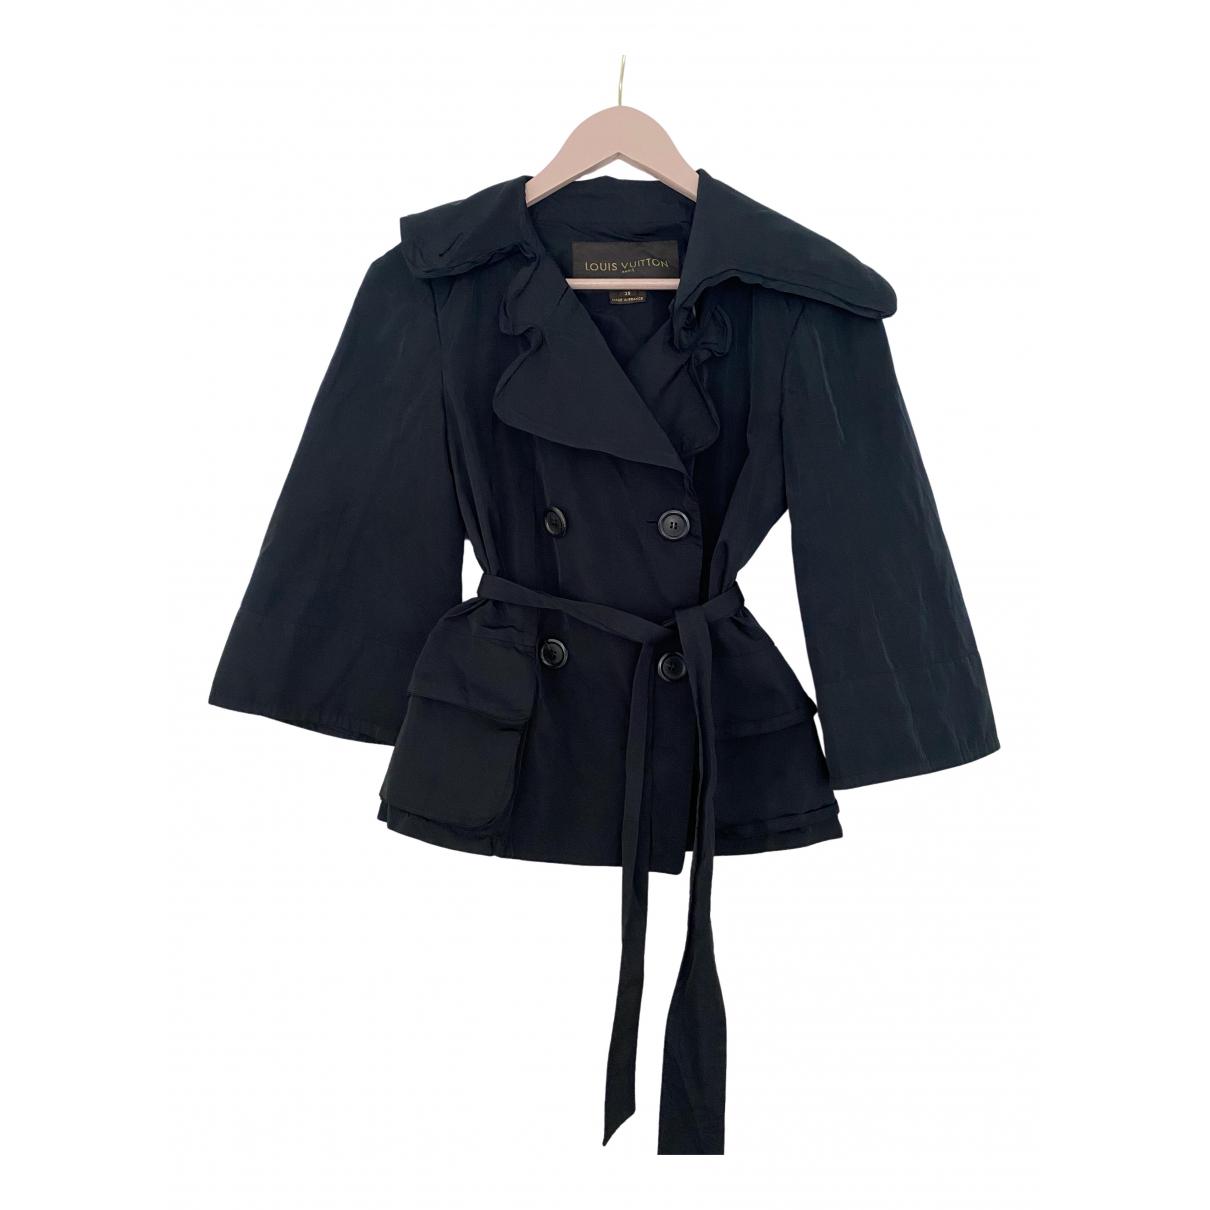 Abrigo en Poliester Negro Louis Vuitton